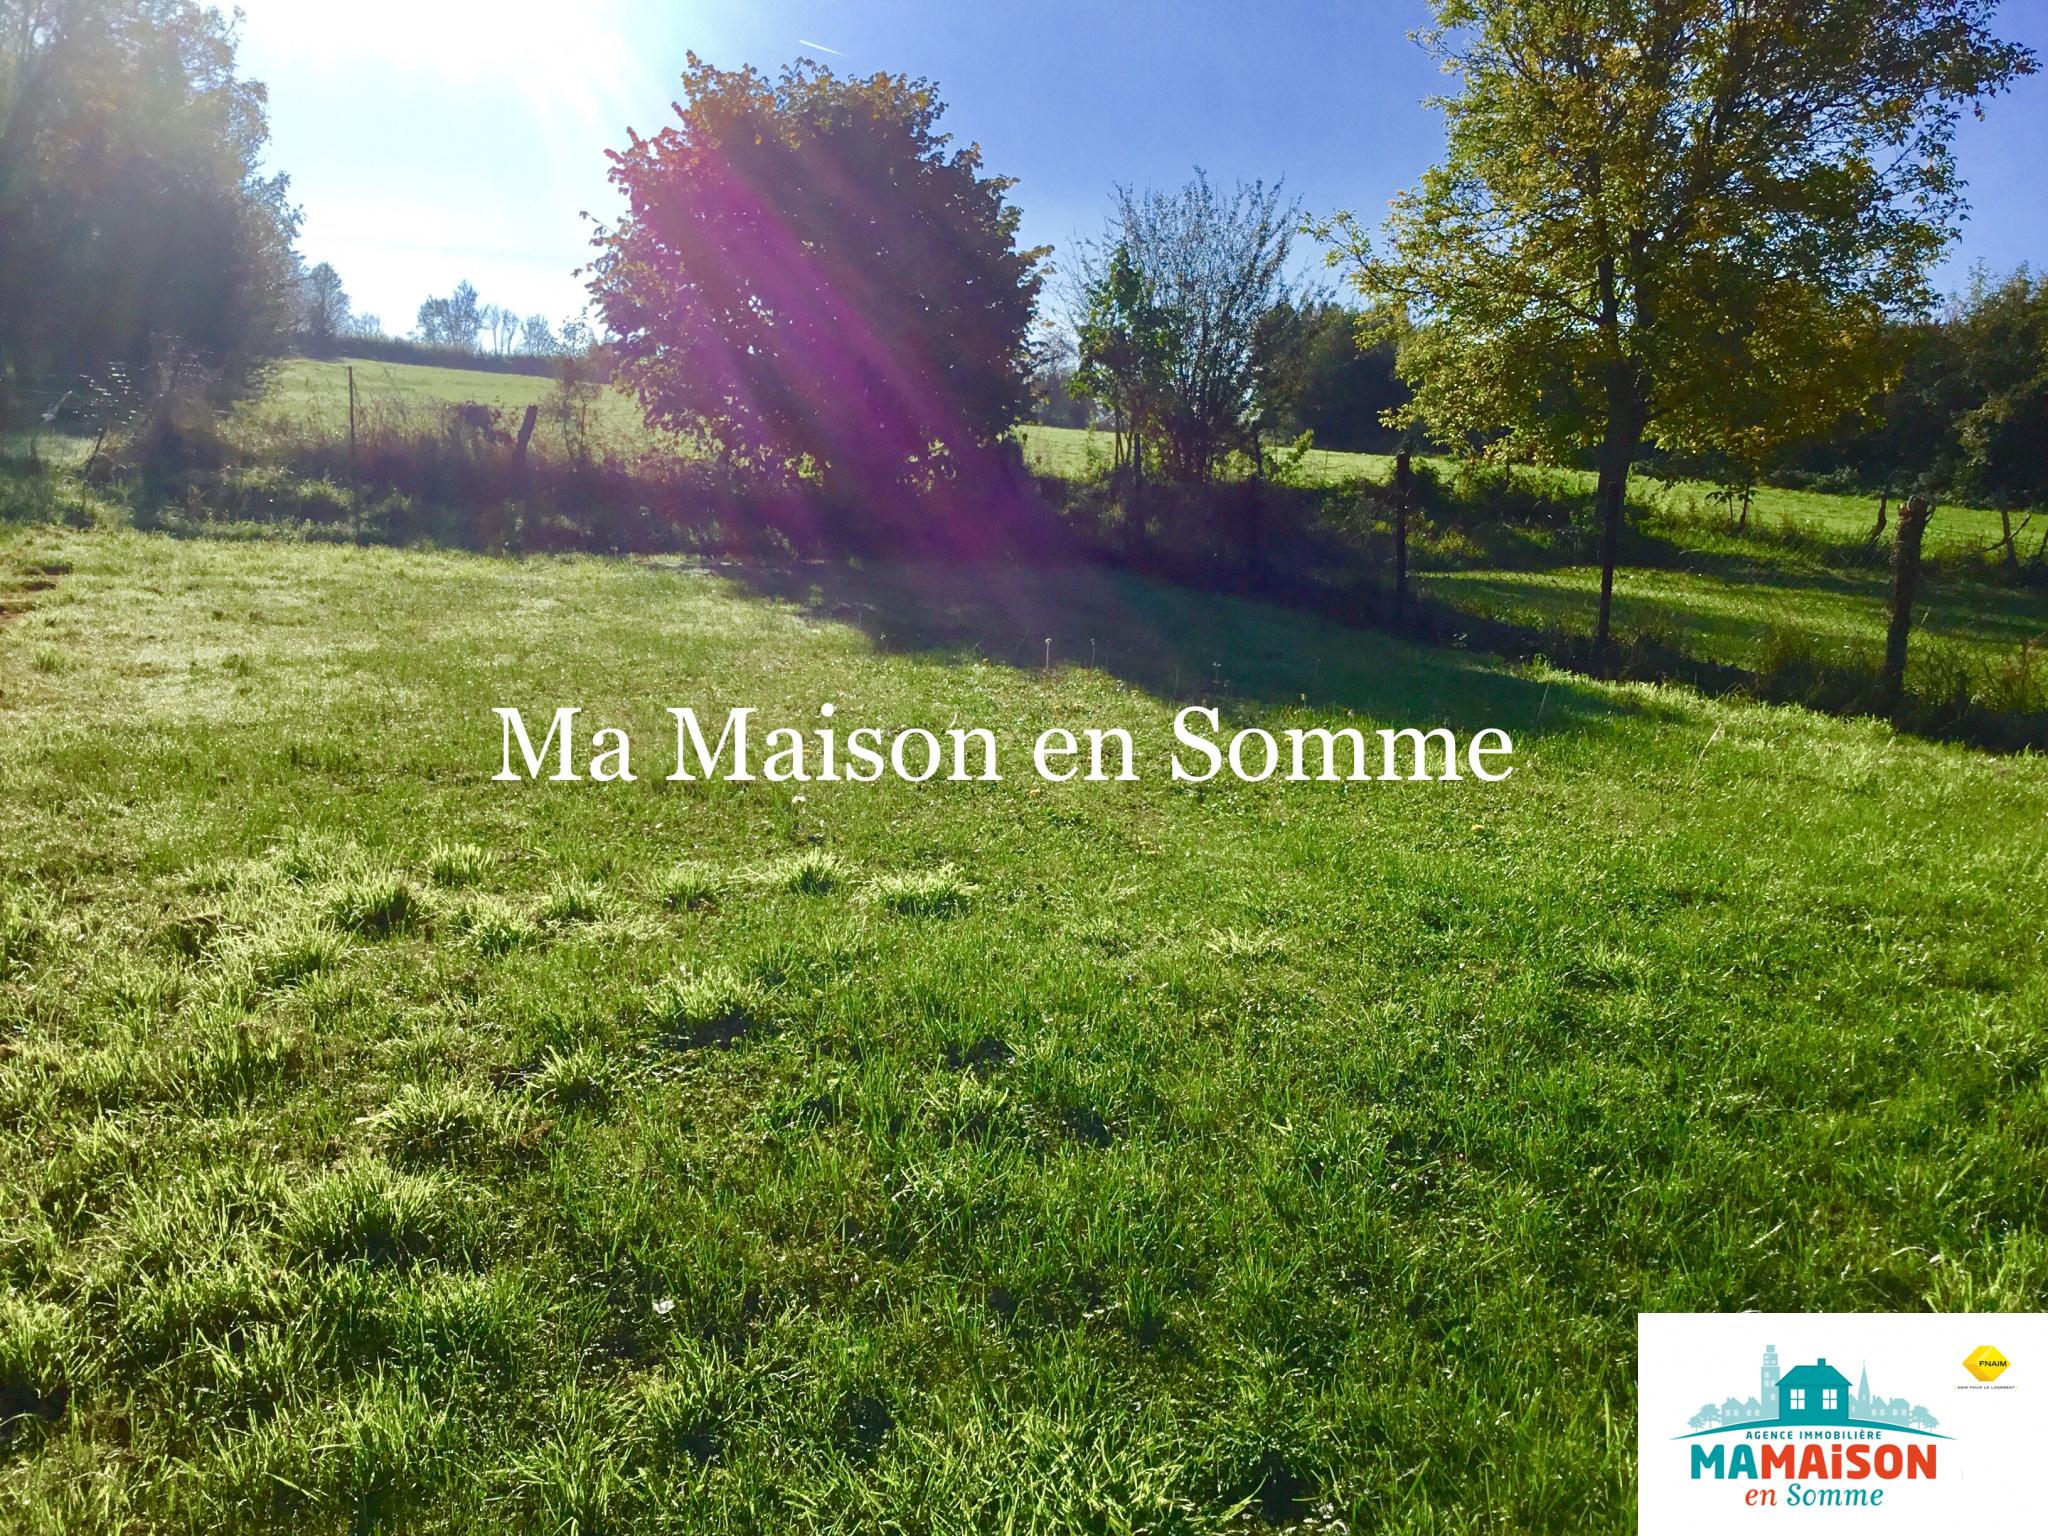 Maison-en-Somme-Doullens-Lucheux